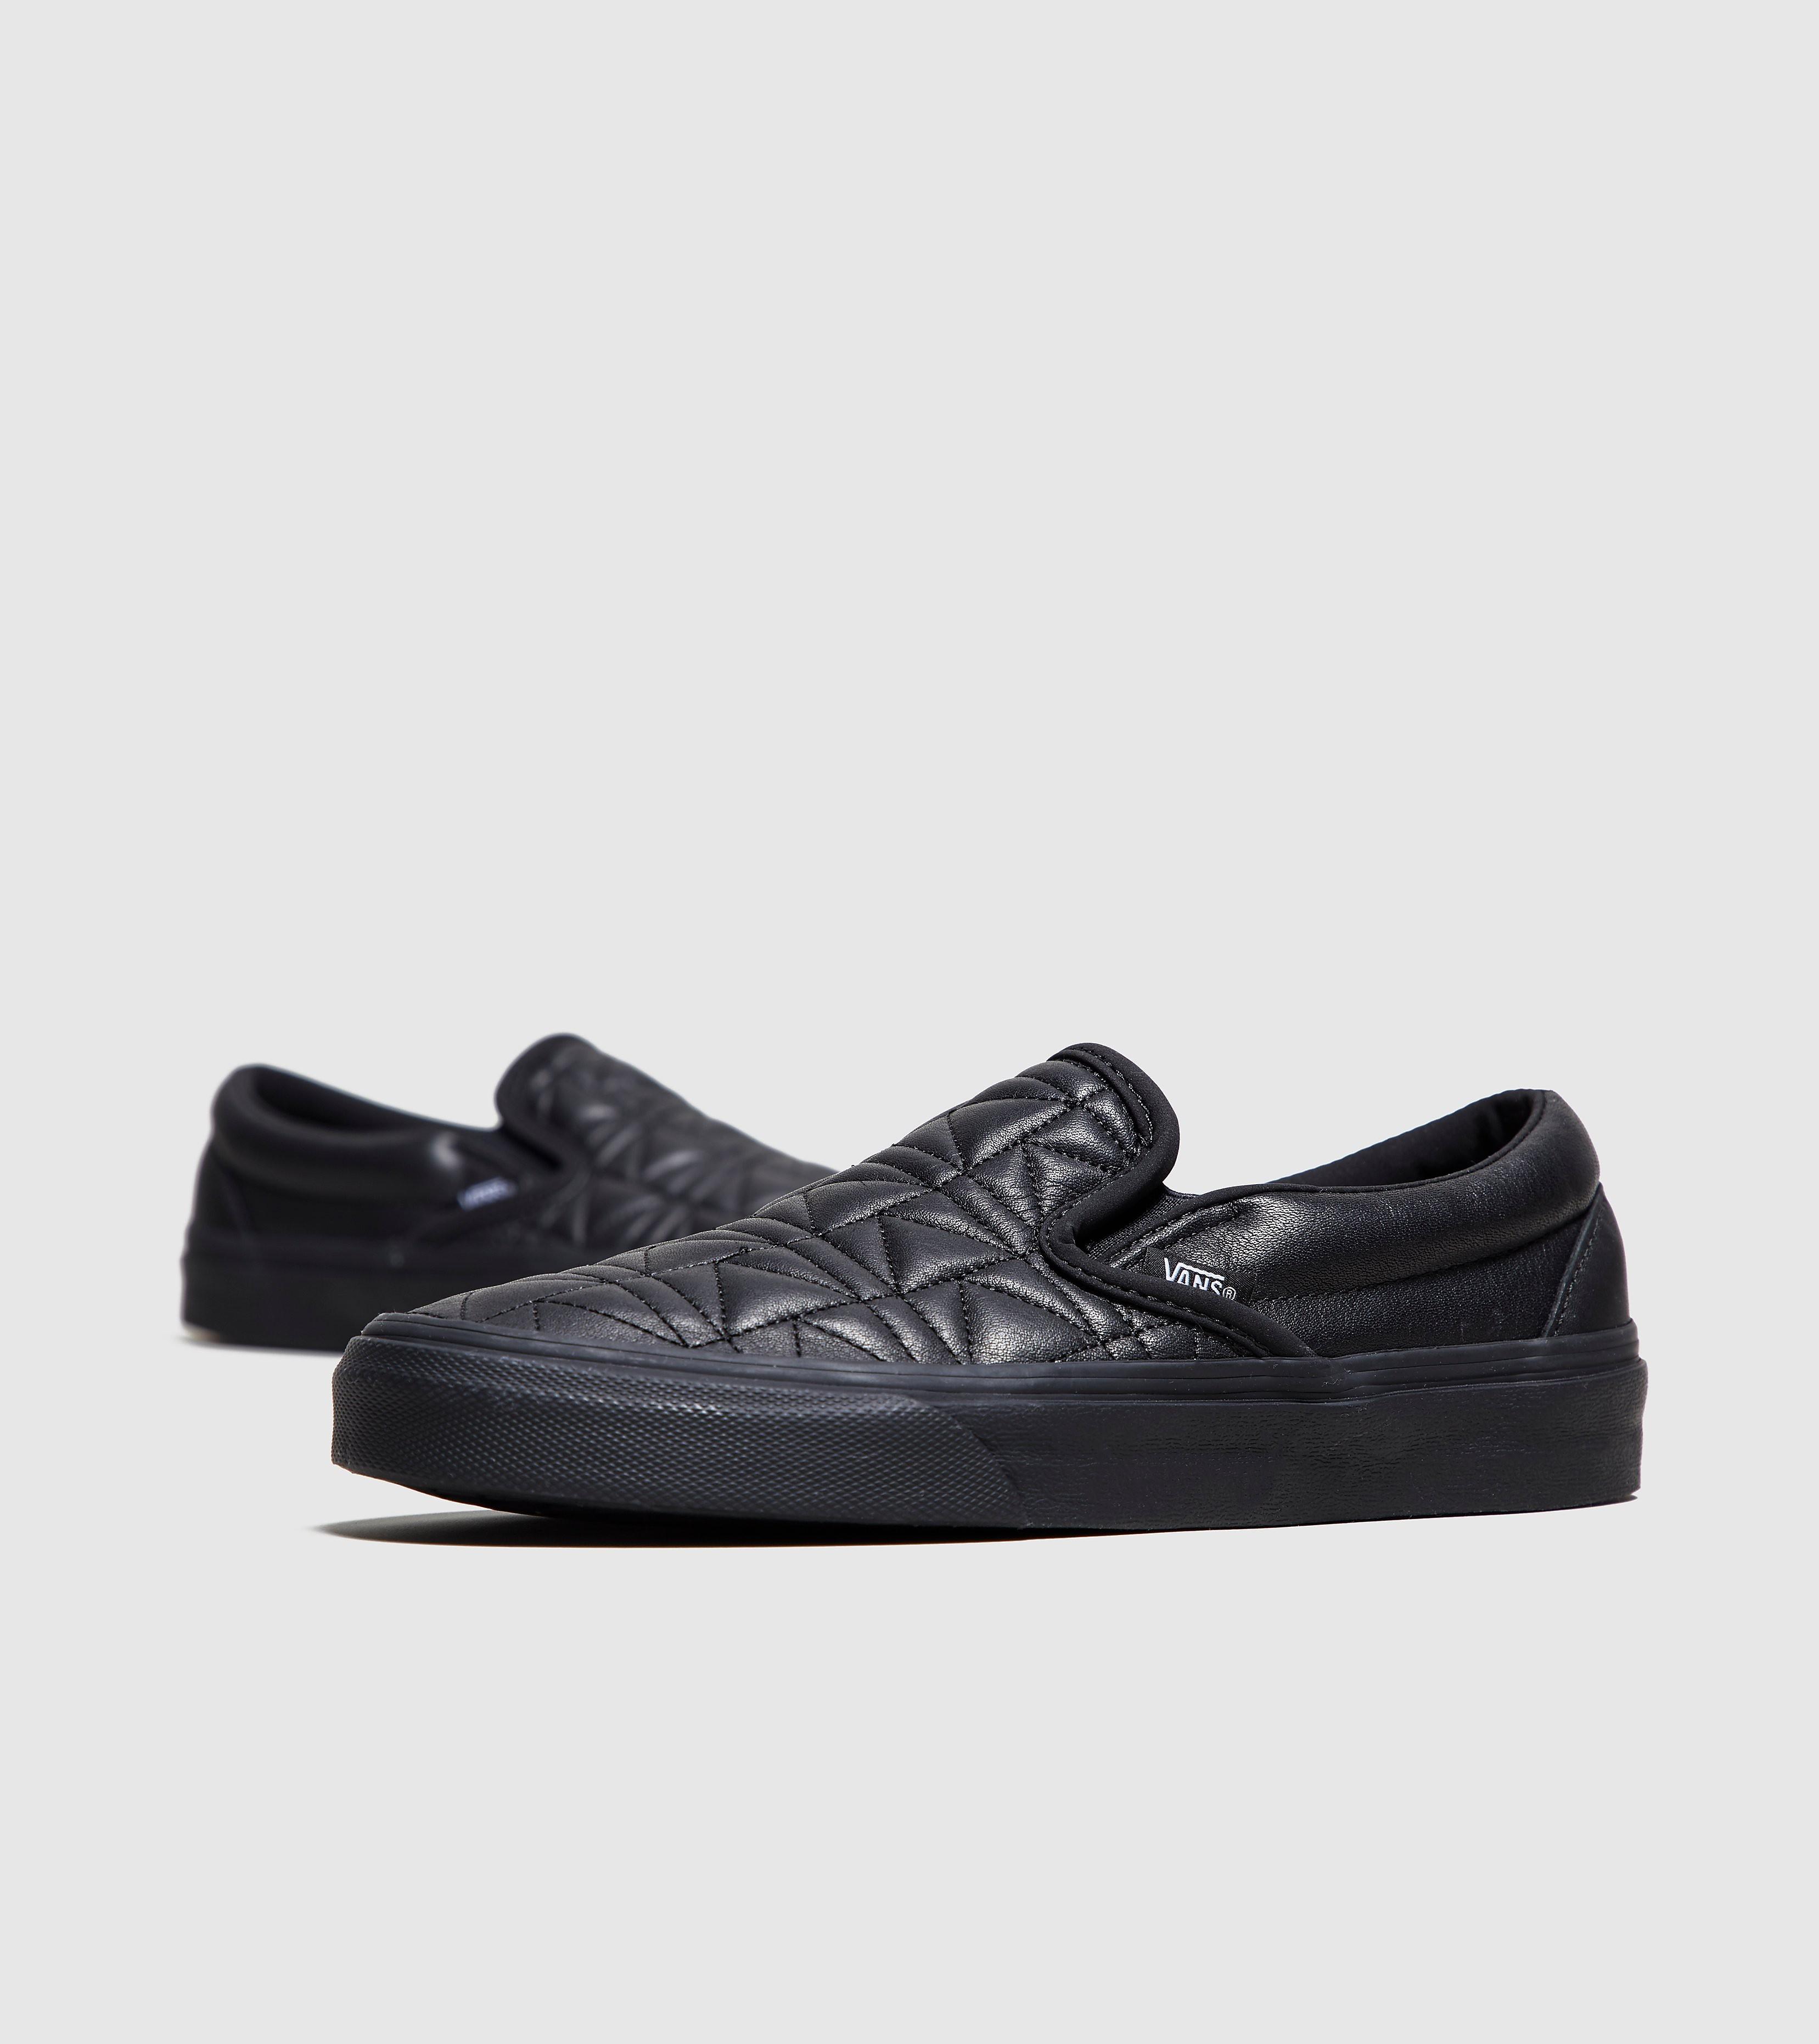 Vans x Karl Lagerfeld Classic Slip-On Women's